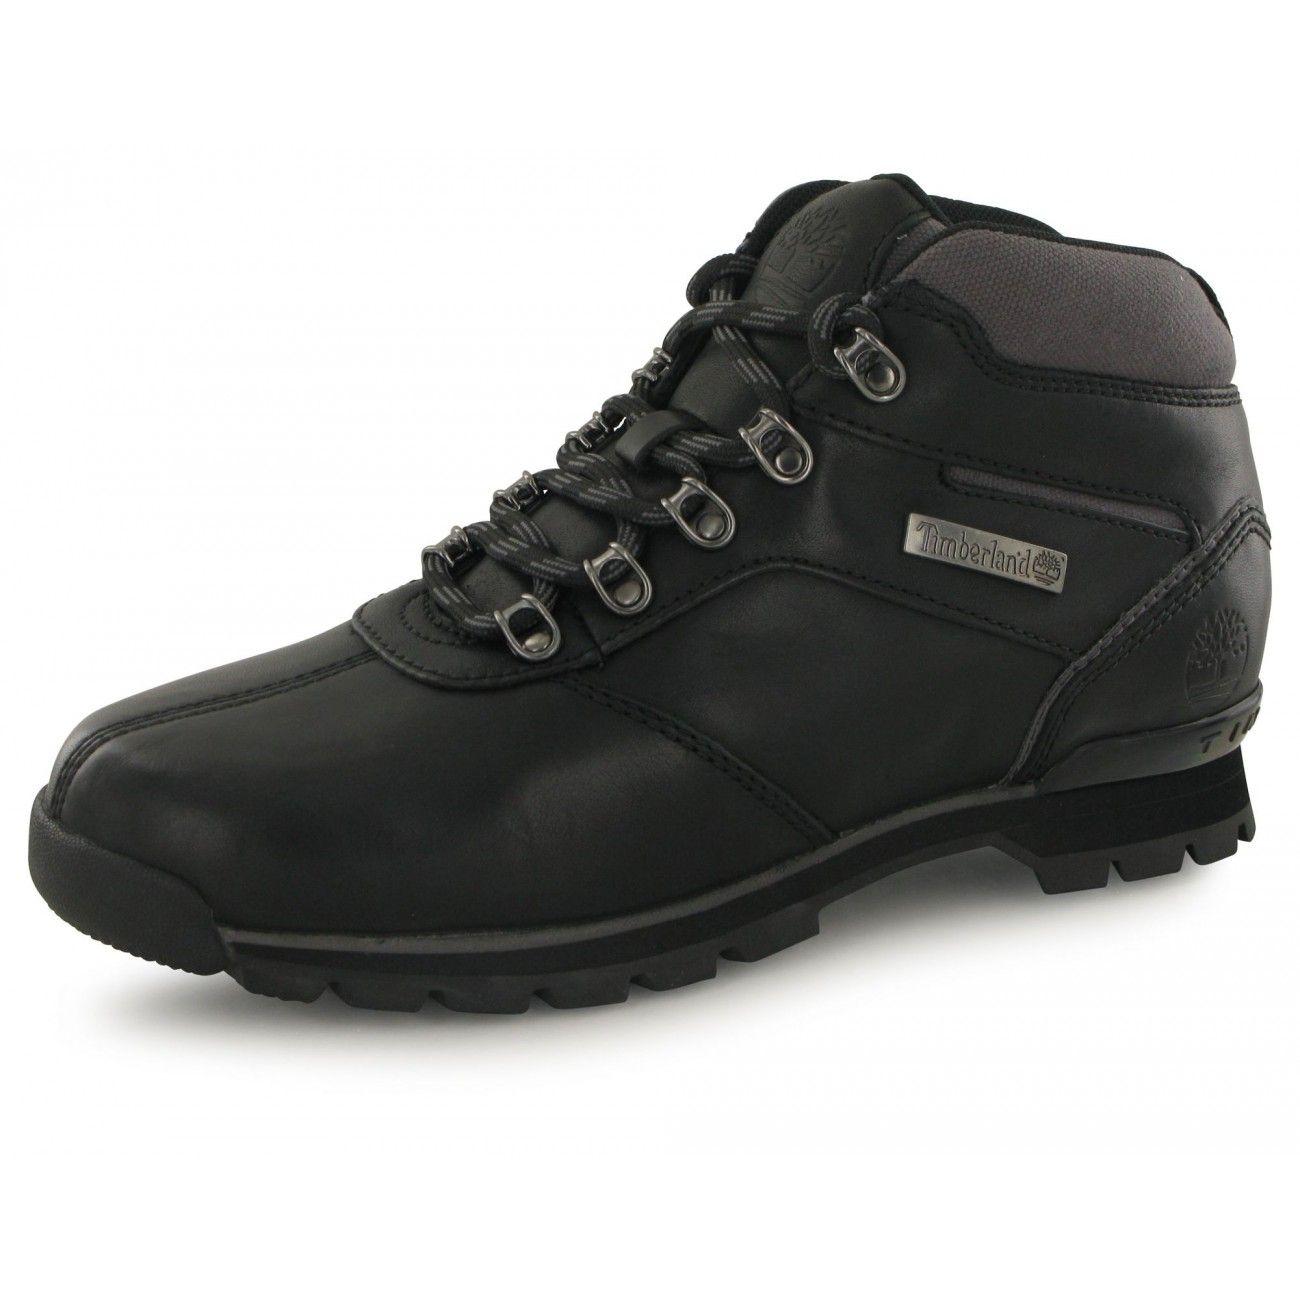 Reina Superficial Cría  Timberland Splitrock 2 Hiker Noir – achat pas cher | Chaussure timberland  homme, Timberland, Chaussure de randonnée